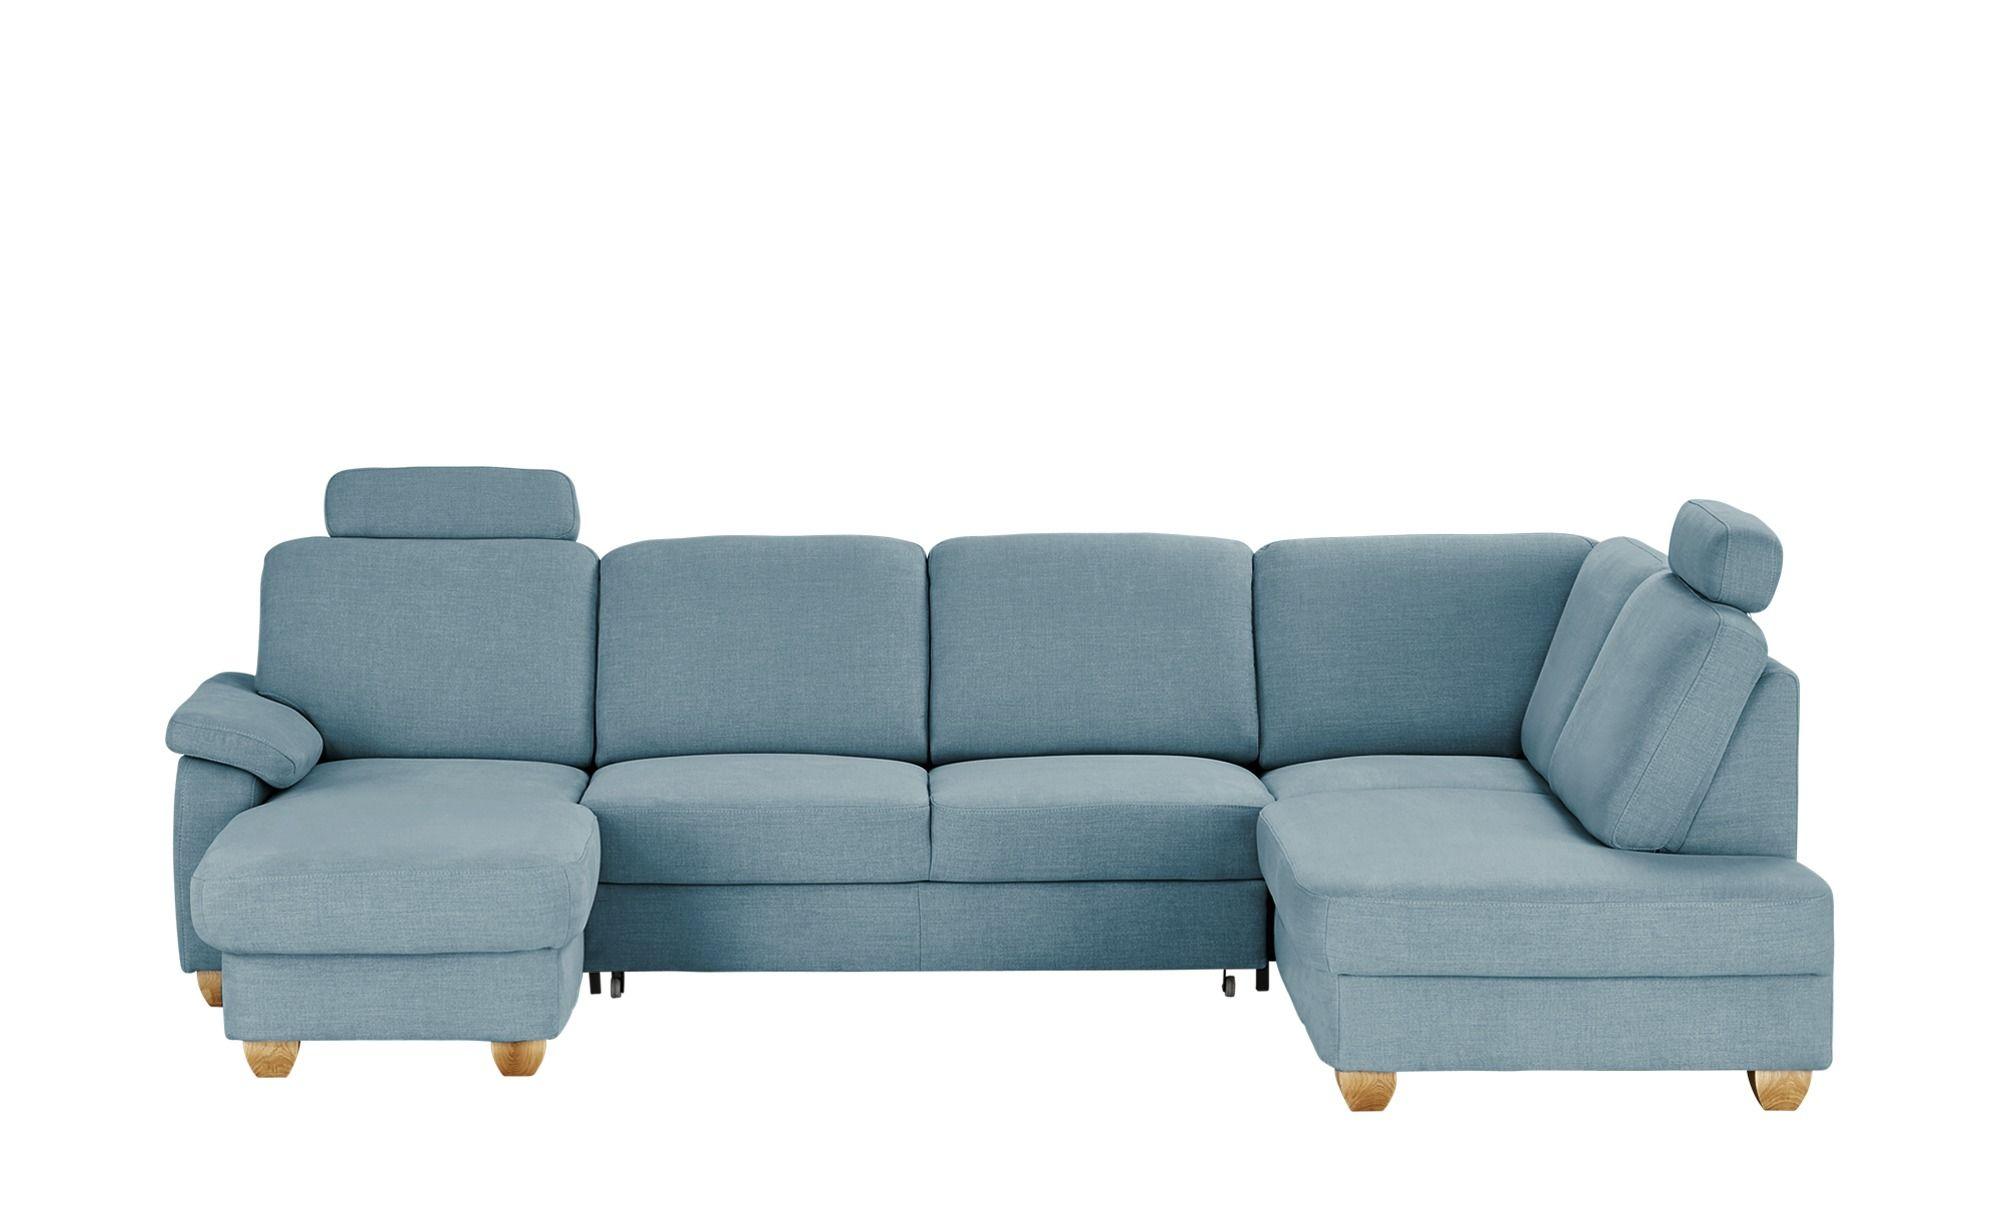 Full Size of Sofa Online Kaufen Couch Bestellen Gnstig Ecksofa Billund 2 Sitzer Küche Mit Elektrogeräten Rundes U Form Big Schlaffunktion Braun Höffner 3er Grau Togo Sofa Sofa Online Kaufen